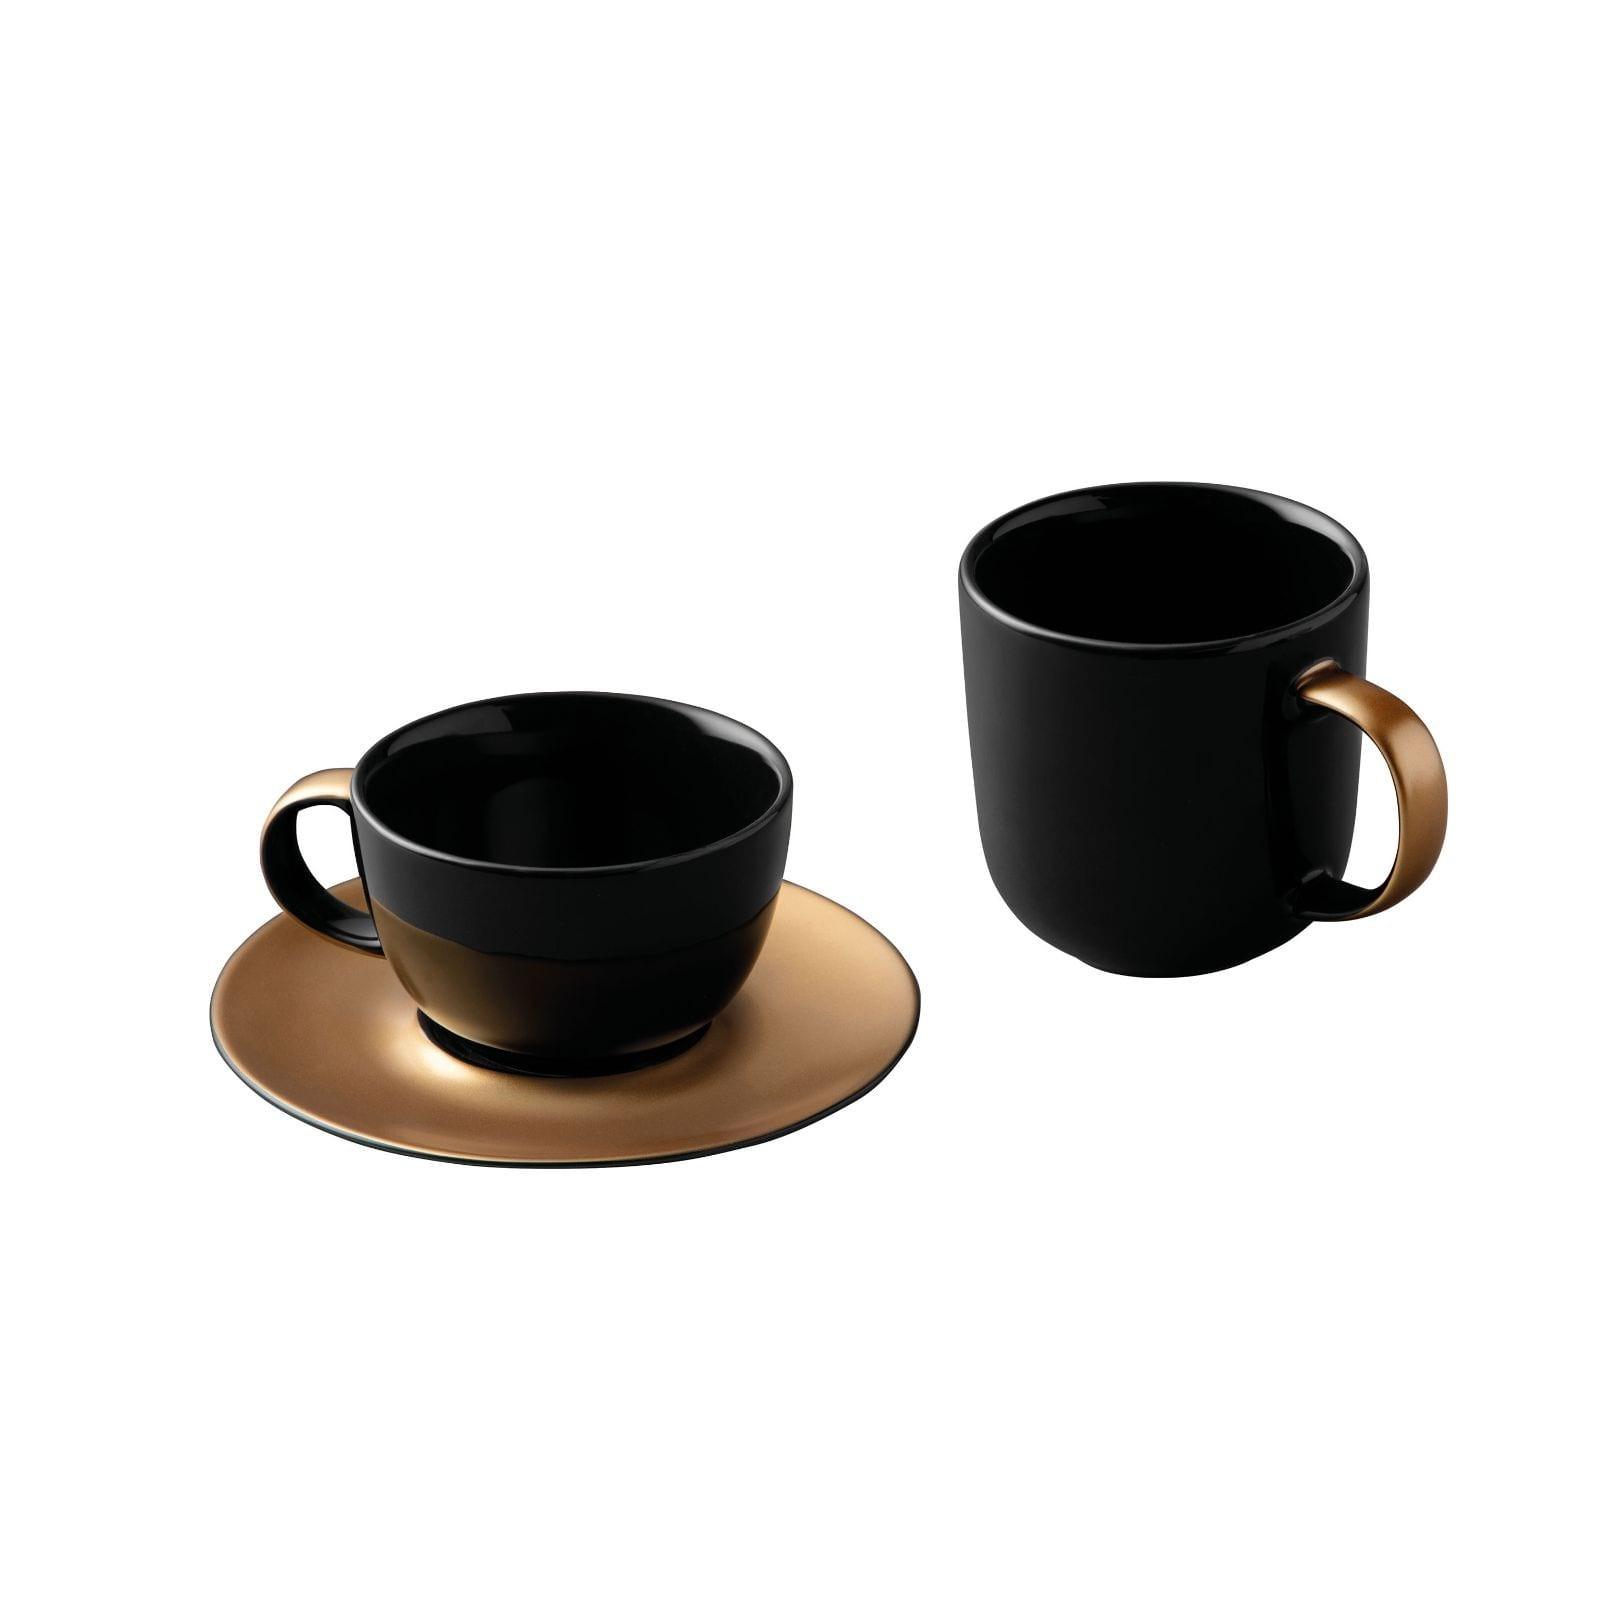 Σετ Κούπα Καφέ & Φλυτζάνι Τσαγιού με Πιατάκι (Μαύρο / Χρυσό) - BergHOFF